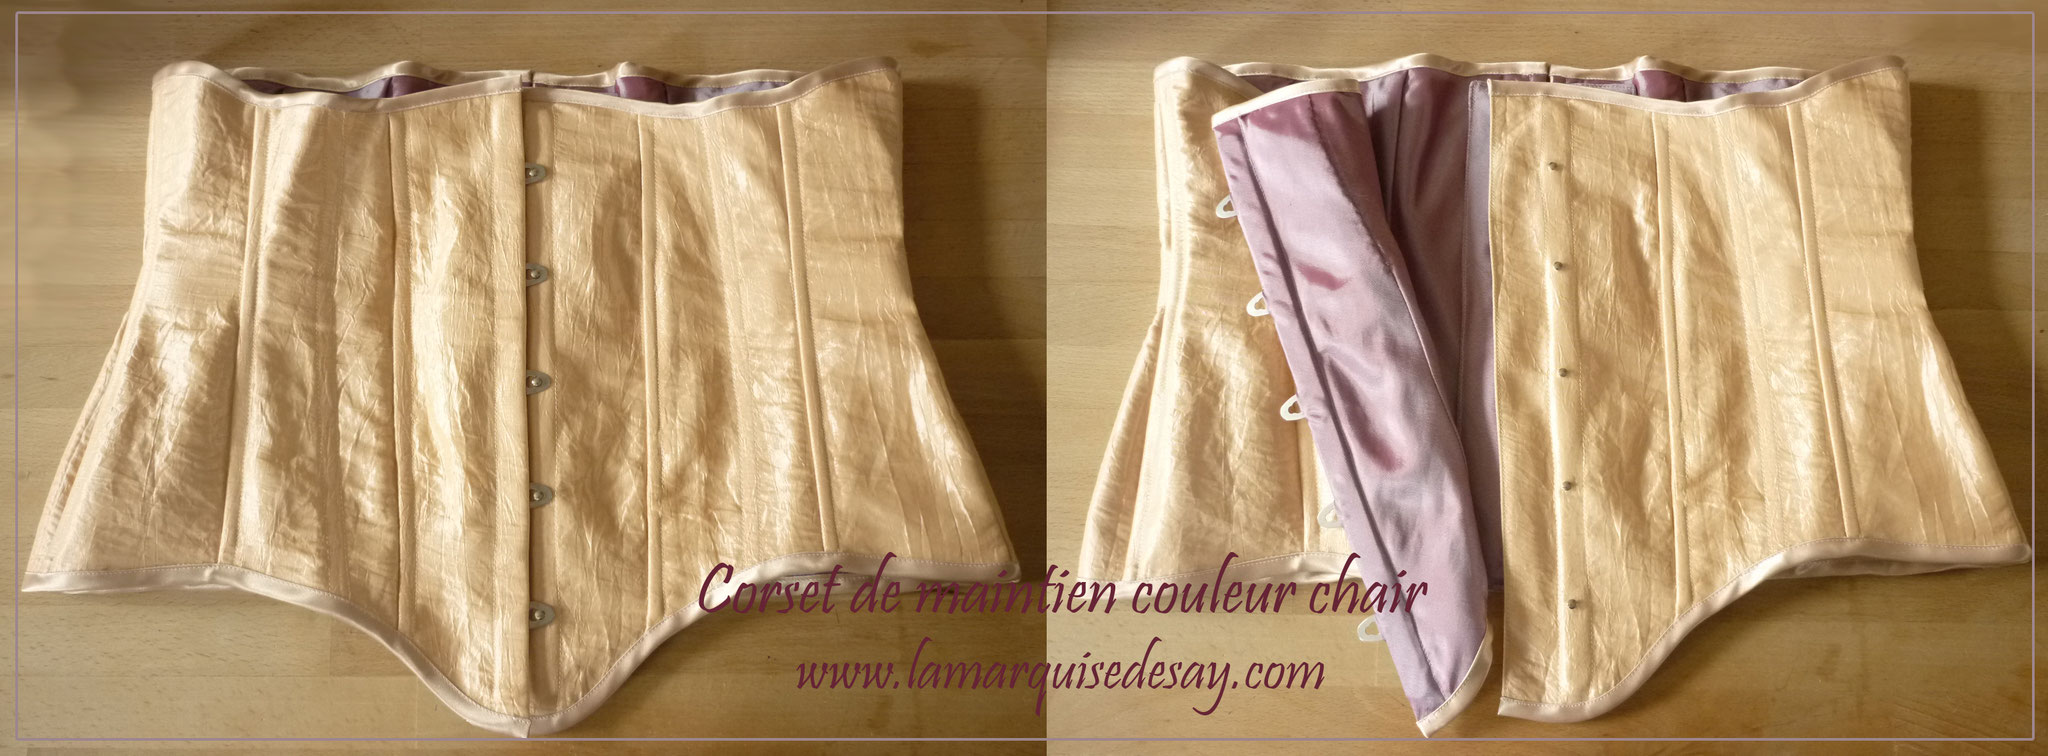 Corset de maintien sur-mesure - Taffetas chair avec doublure satinée mauve